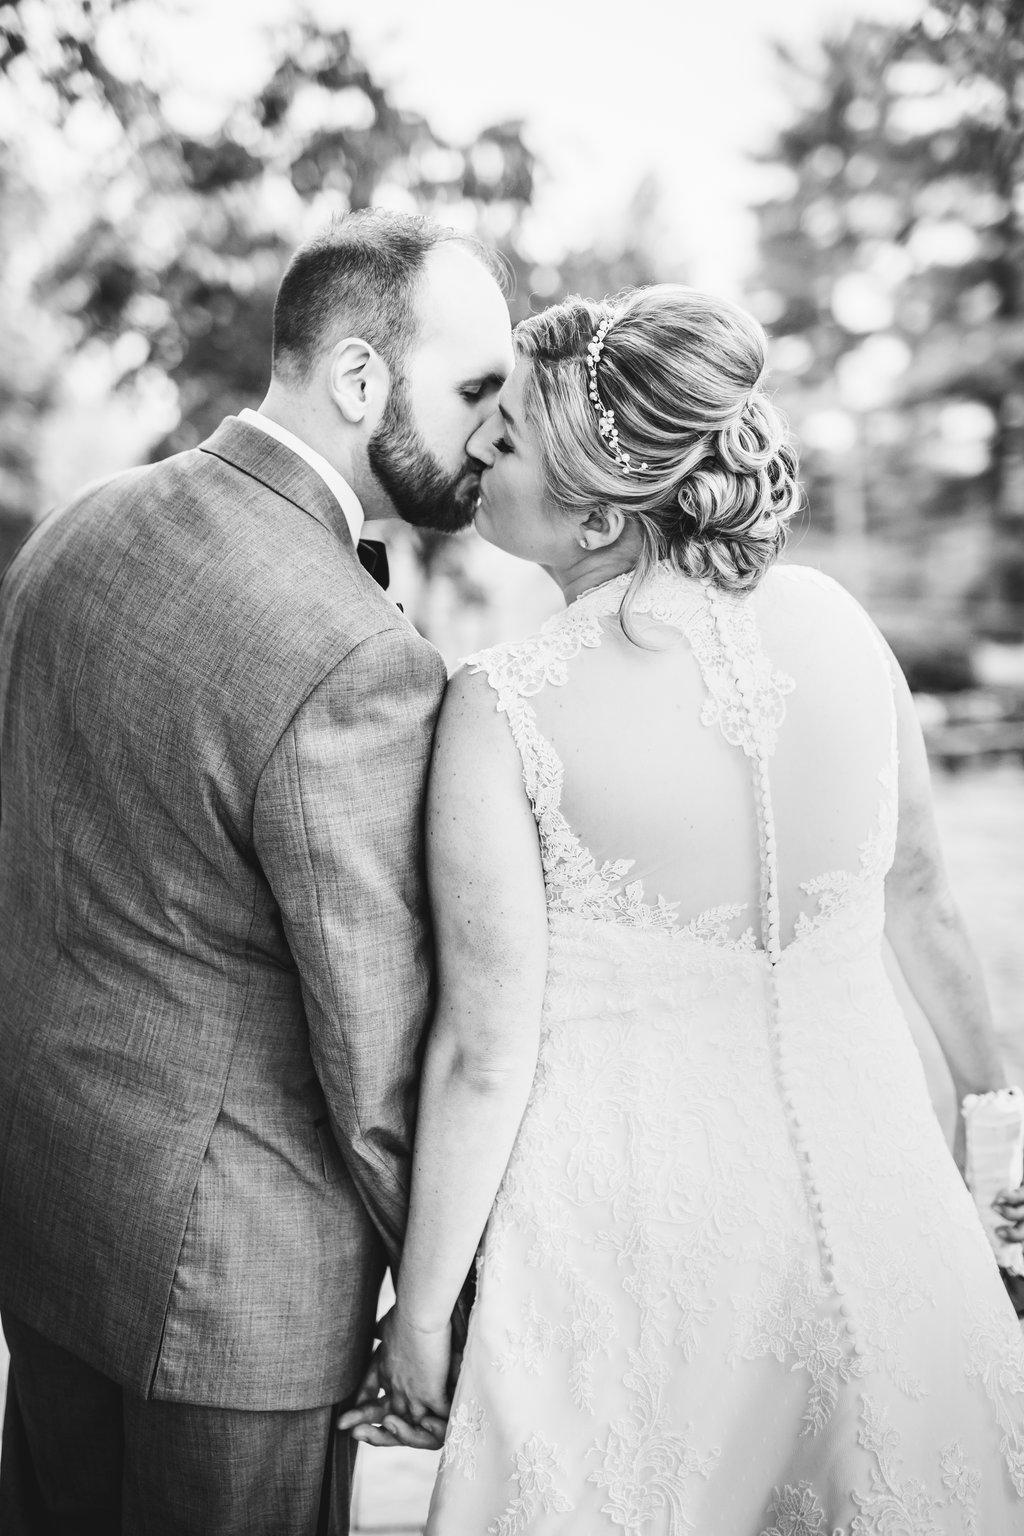 Melissa+MattWedding-EmilyTebbettsPhotography-232.jpg